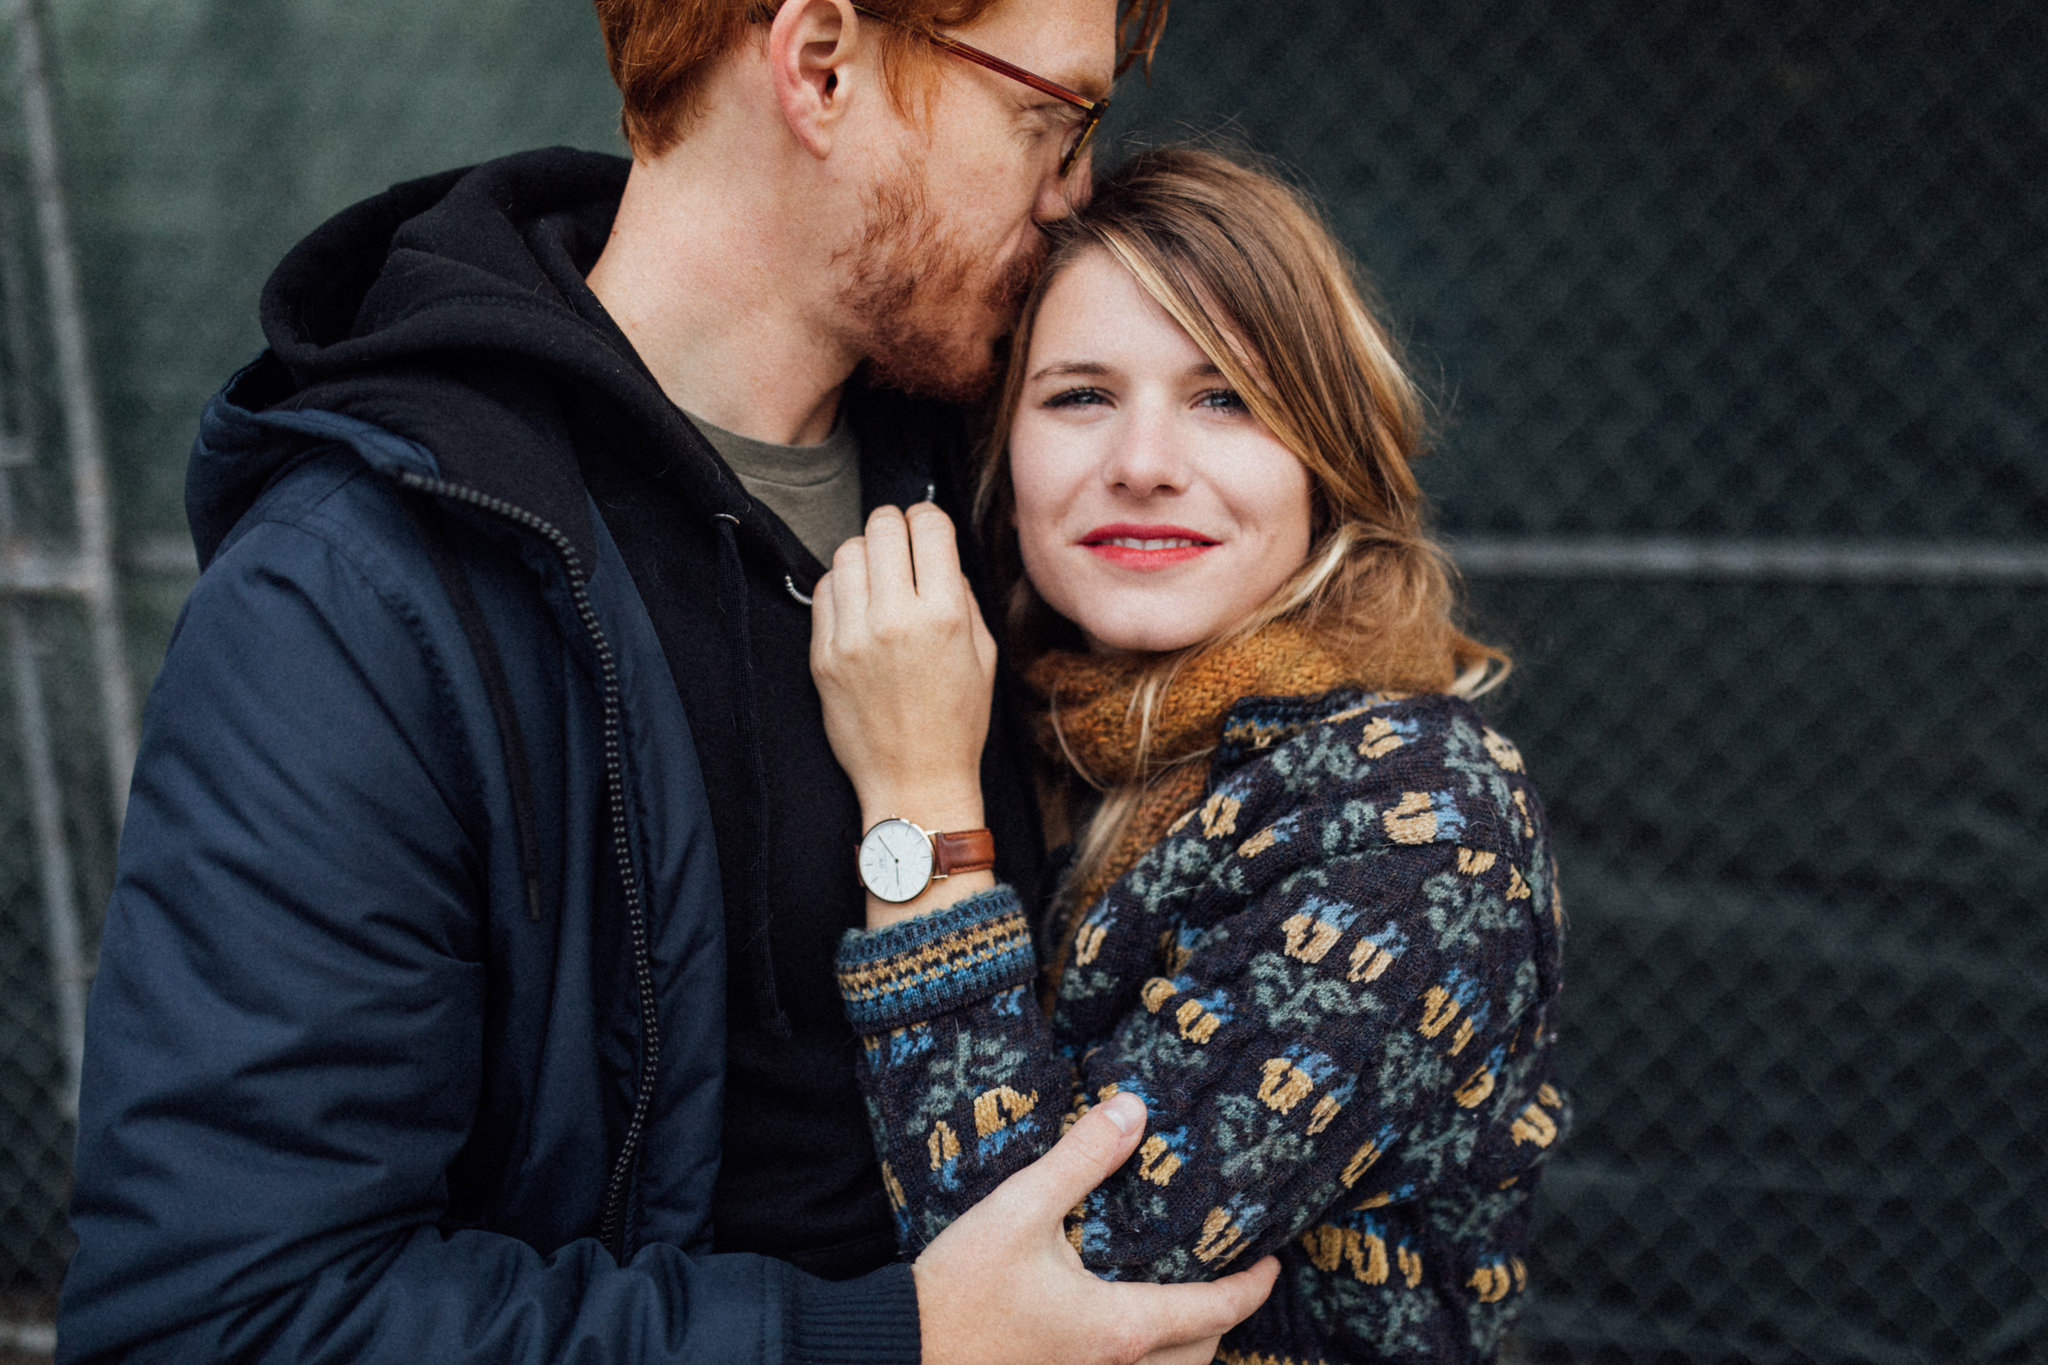 Elle&Zach-EngagementSession-TheGatheringSeasonxweareleoandkat011.jpg